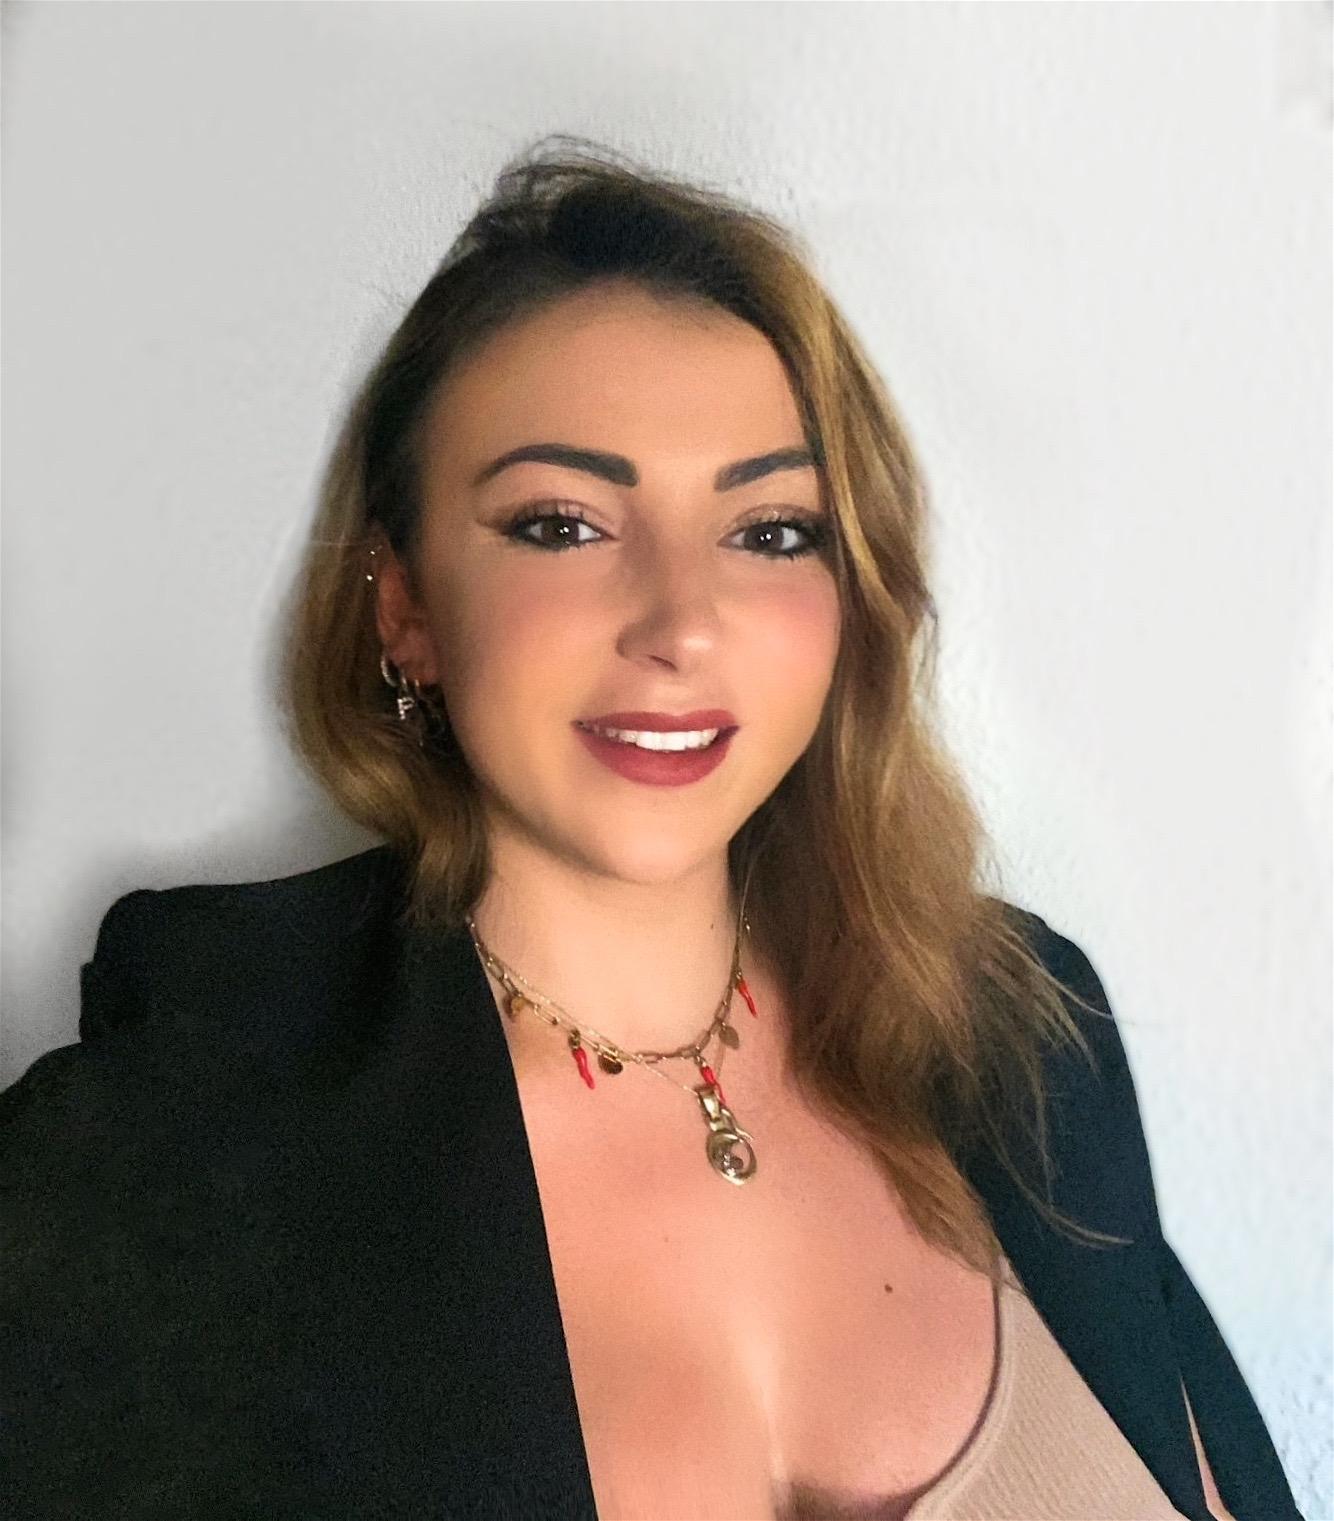 Elisabetta Bozzano